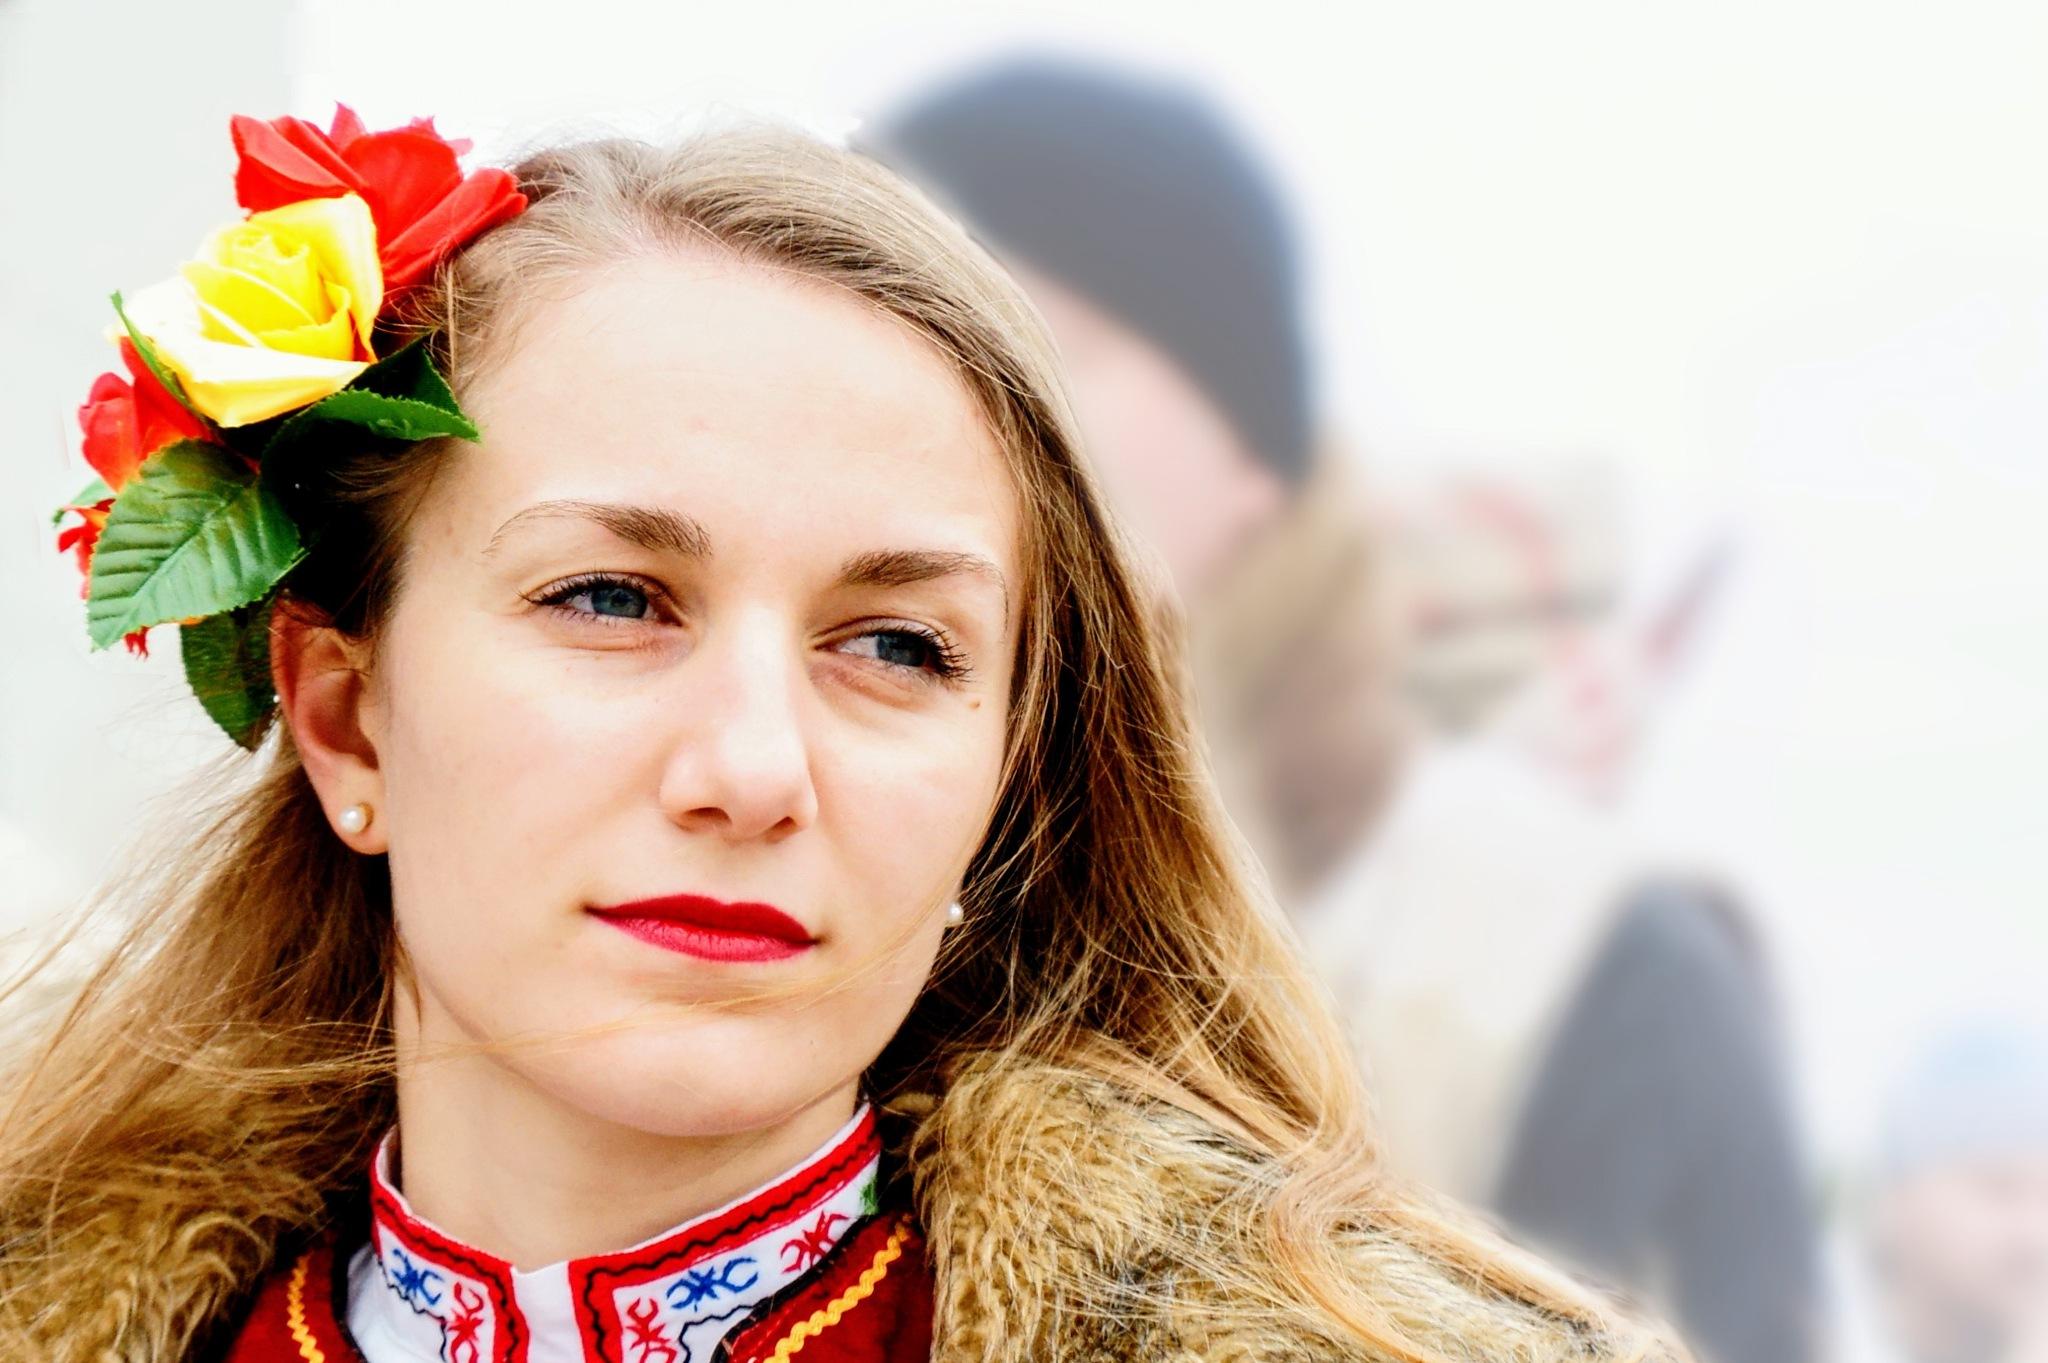 Beauty and the Sadness by MariyaPhilipova